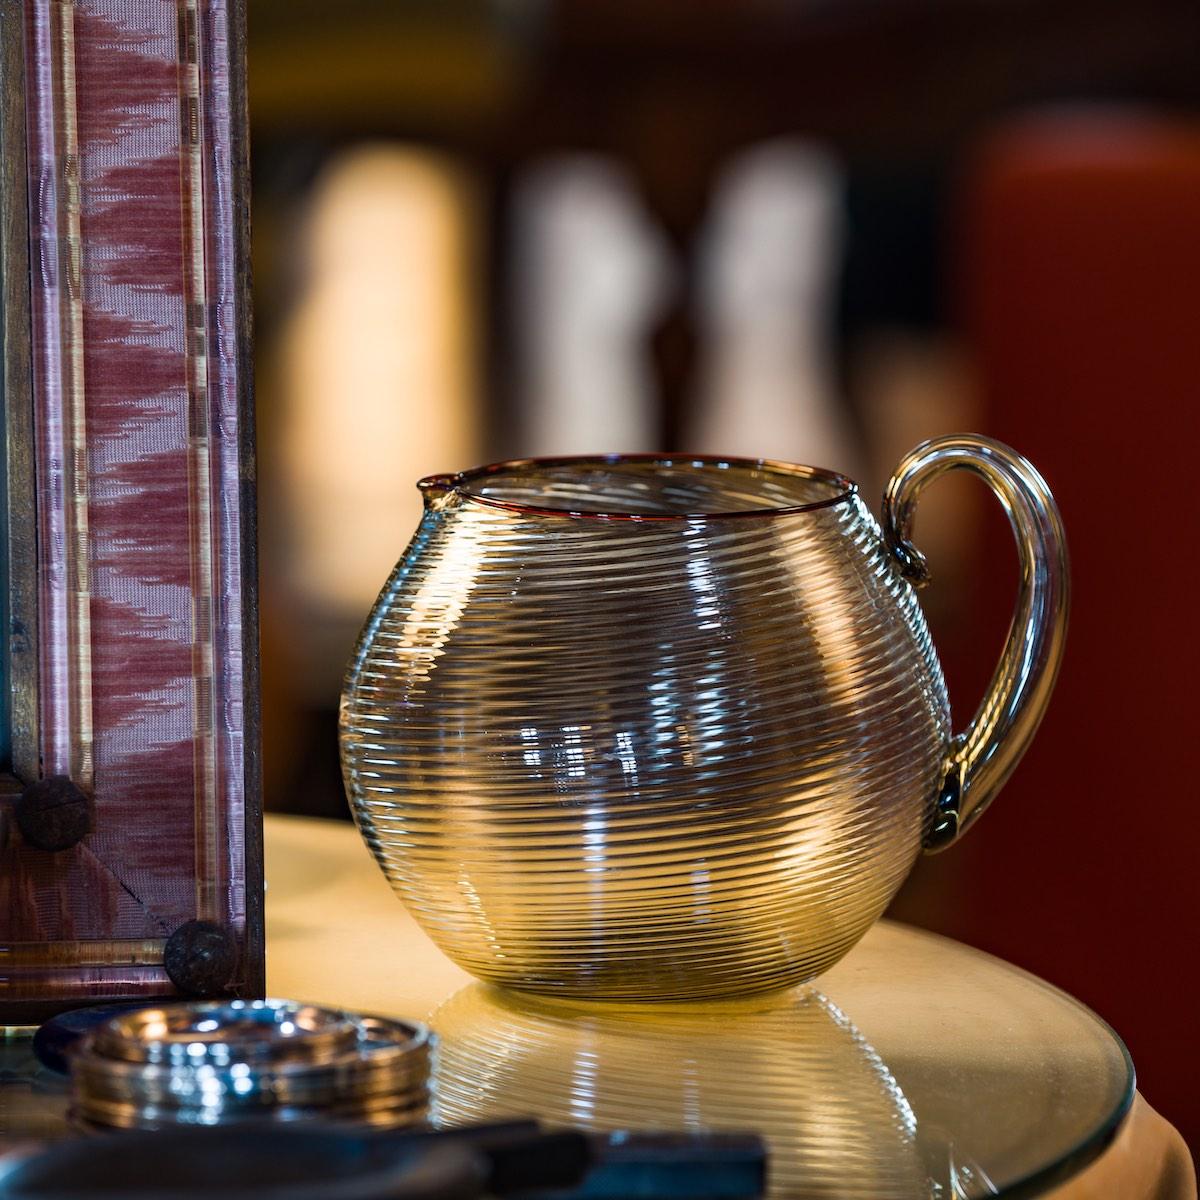 palla-jug-murano-round-glass-expensive-designer-luxury